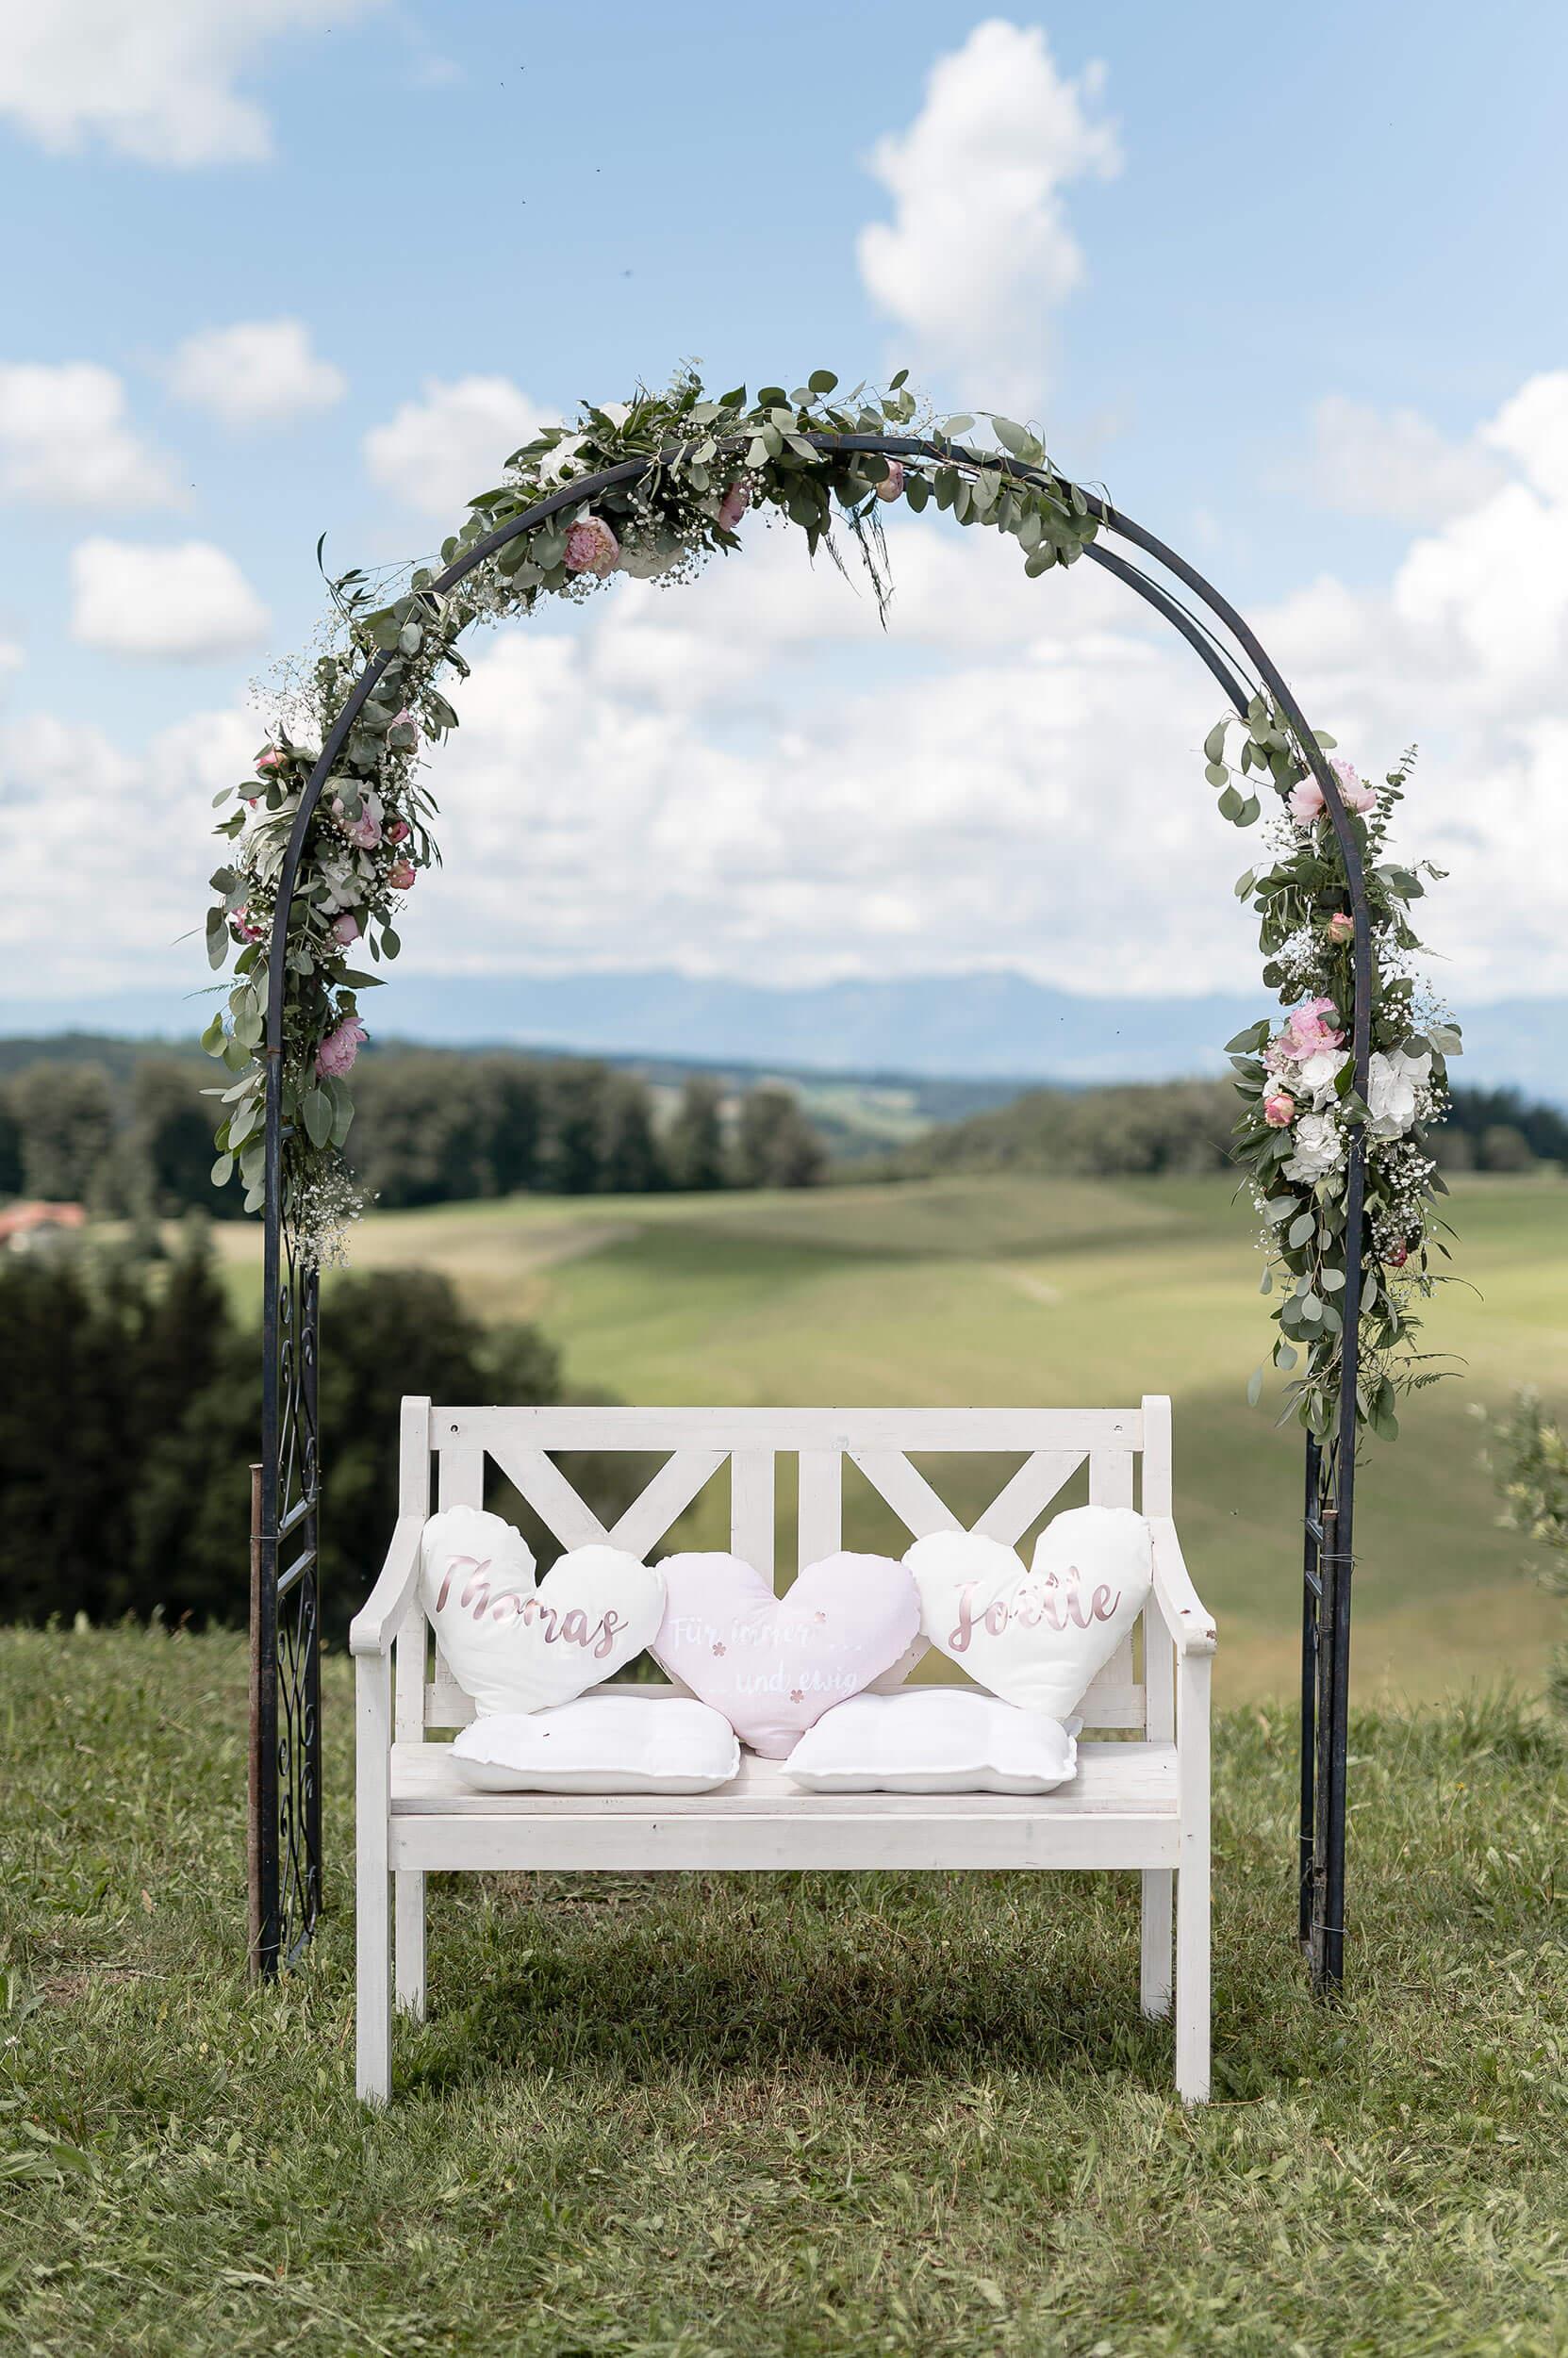 Hochzeitsfoto mit Bogen und Bänkli